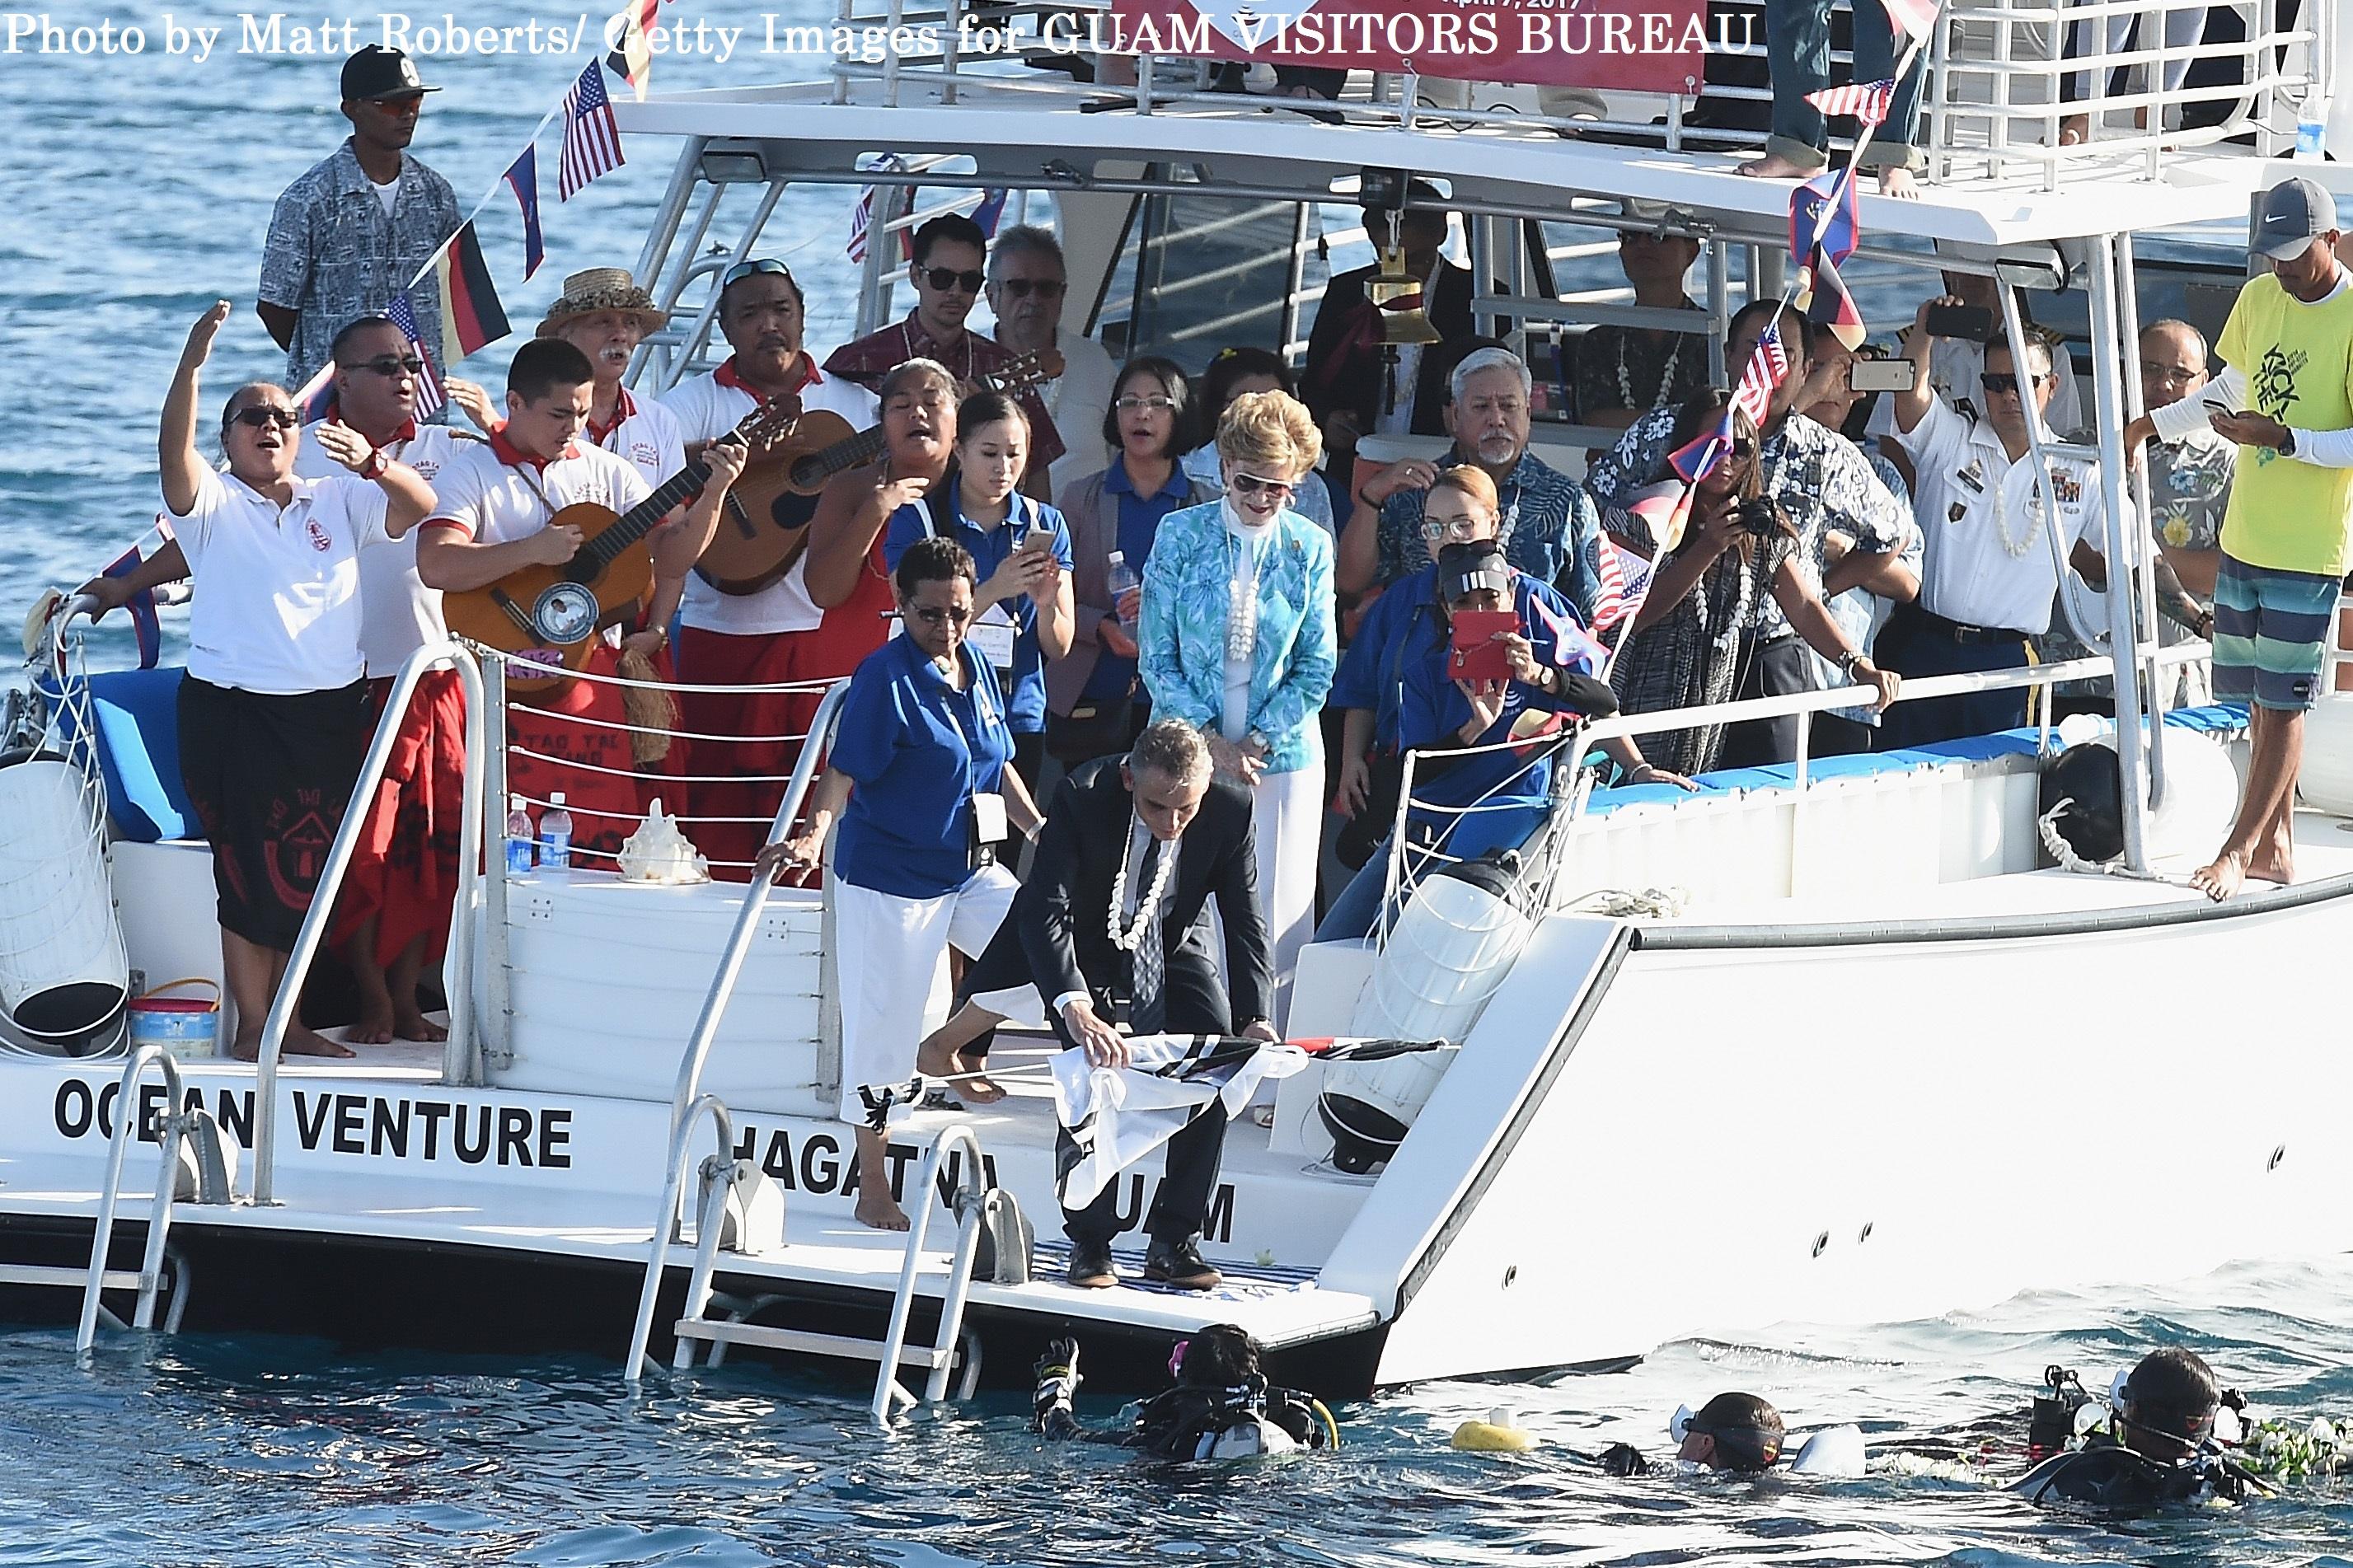 アプラ湾で4 ⽉7 ⽇朝、開催された「SMS コーモラン Ⅱ」沈没100 周年記念式典にて、 ドイツの旗をダイバーに⼿渡す駐マニラドイツ⼤使館、⼤使館員マイケル・ハスパー⽒